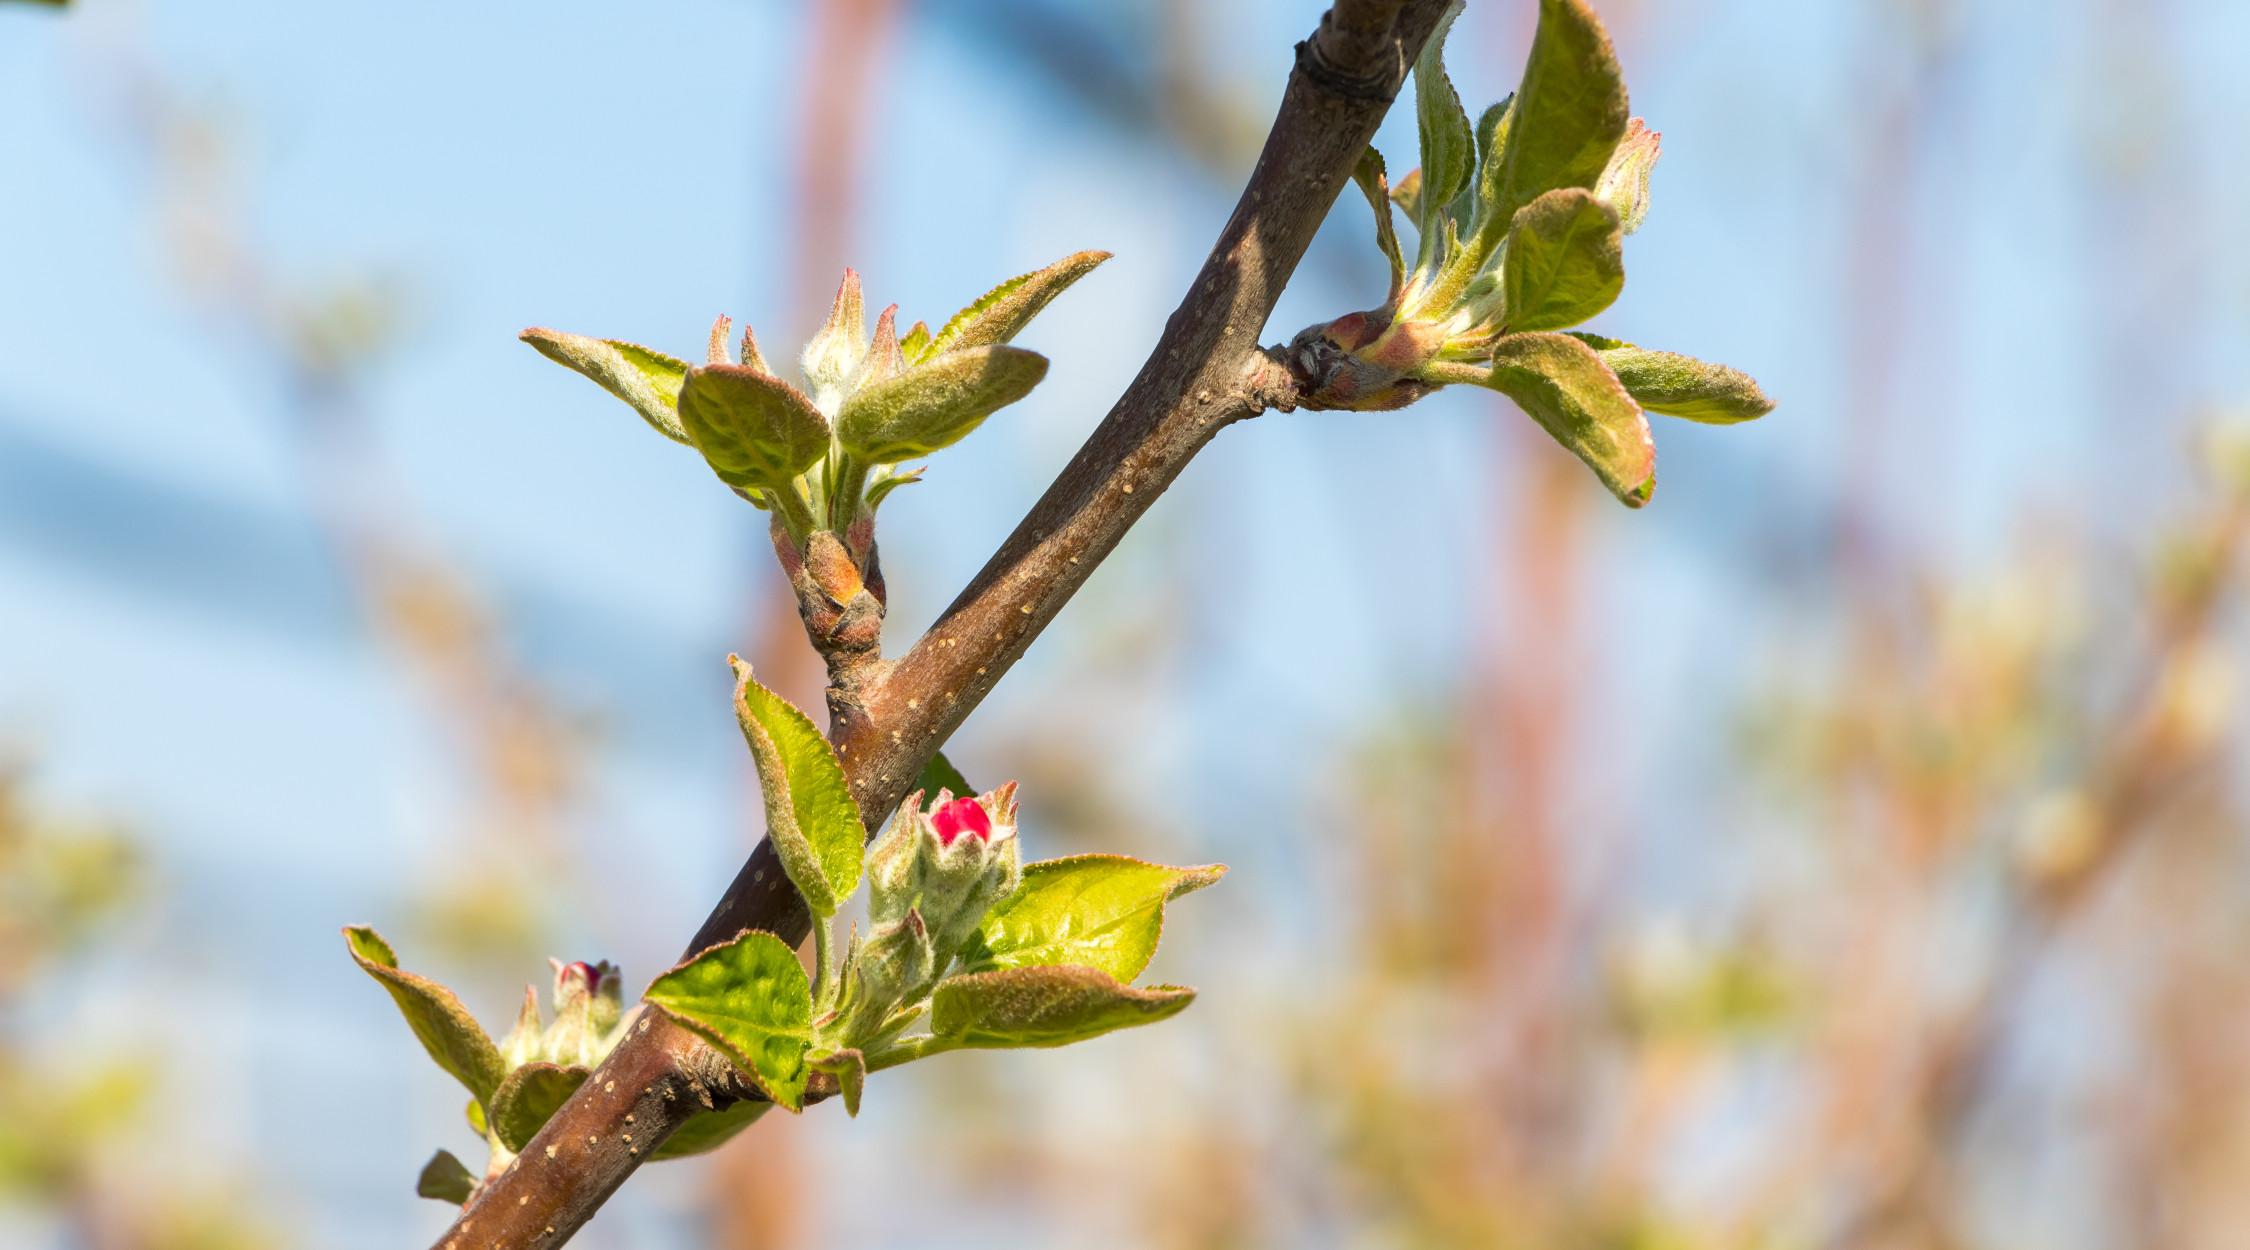 Gemme meli e primavera | La Trentina